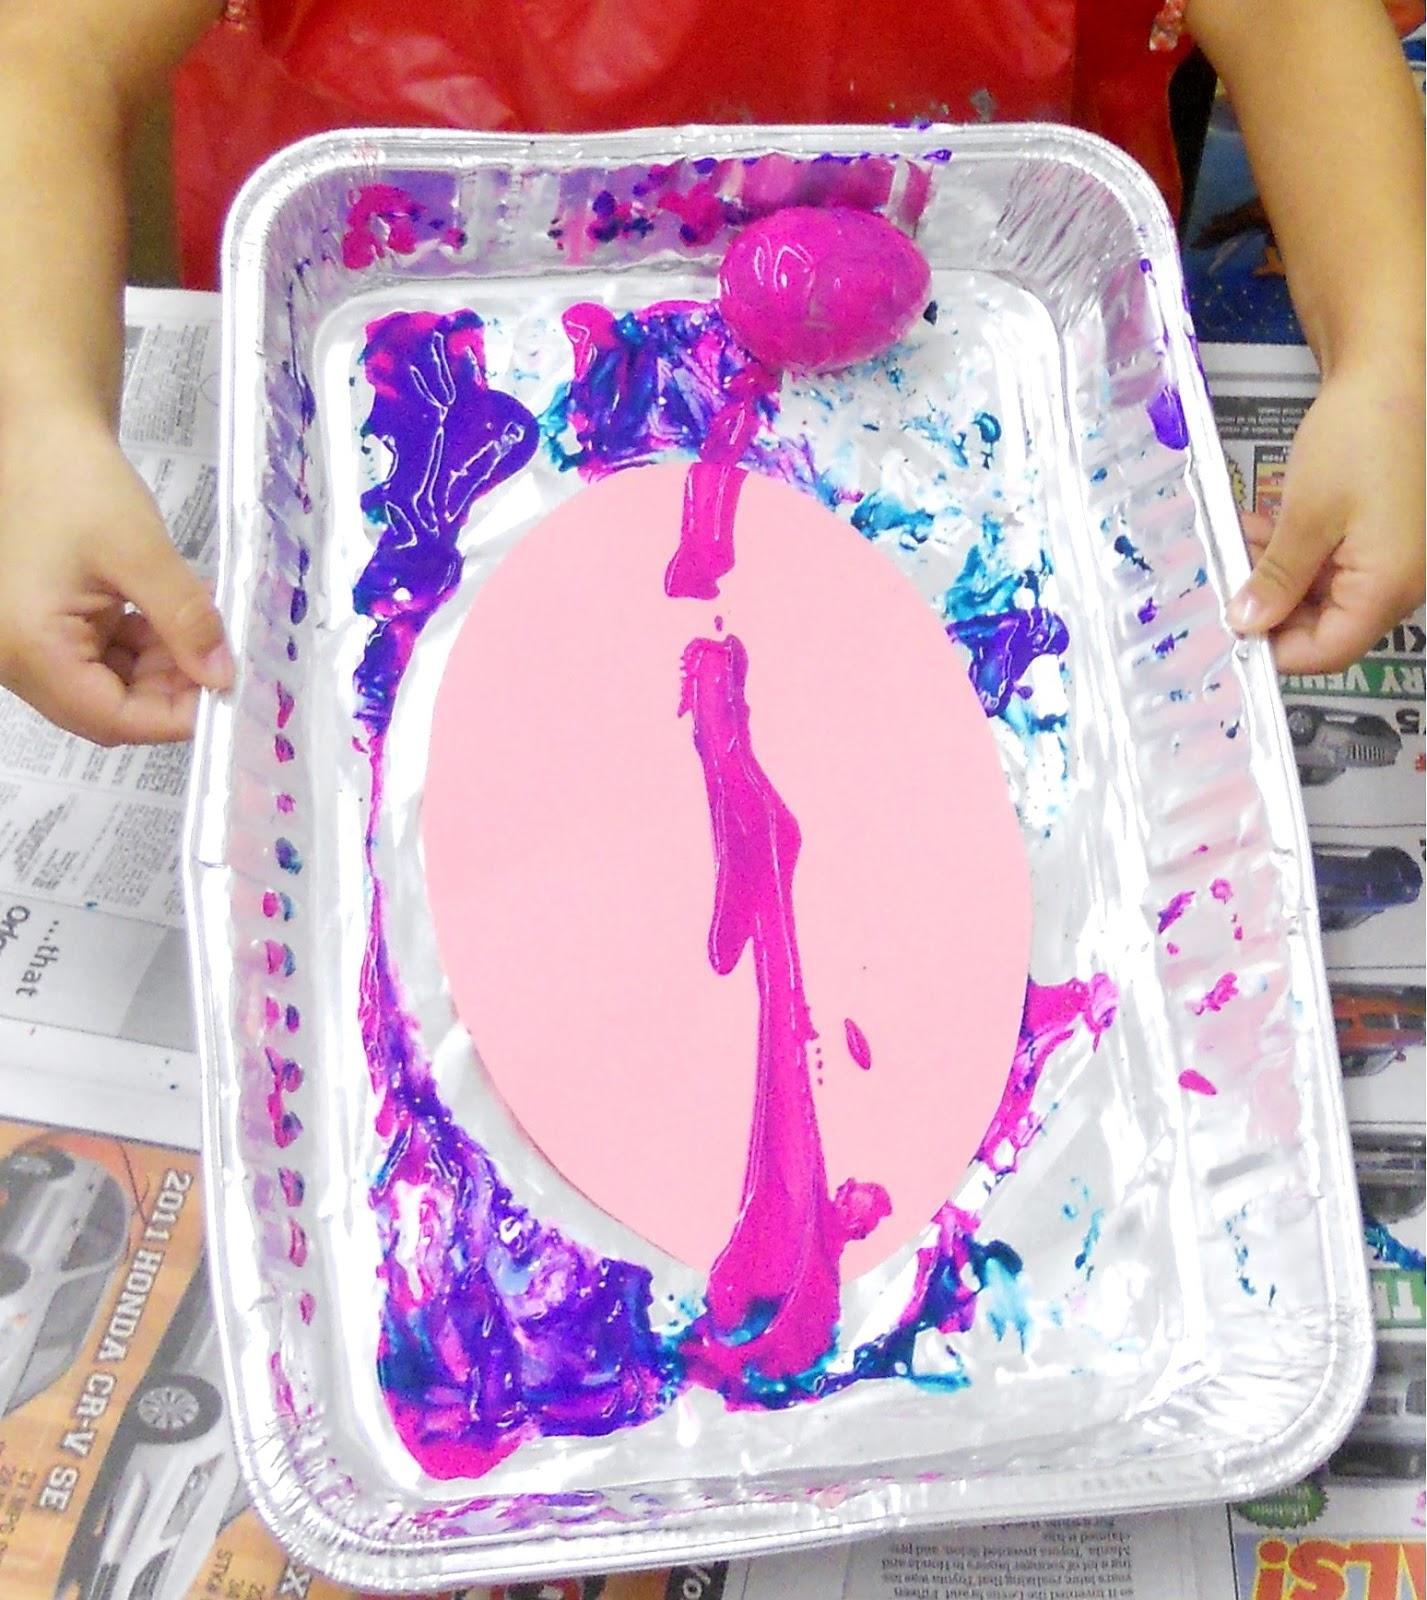 Princesses pies preschool pizzazz 4 easter crafts for for Easter craft for preschool